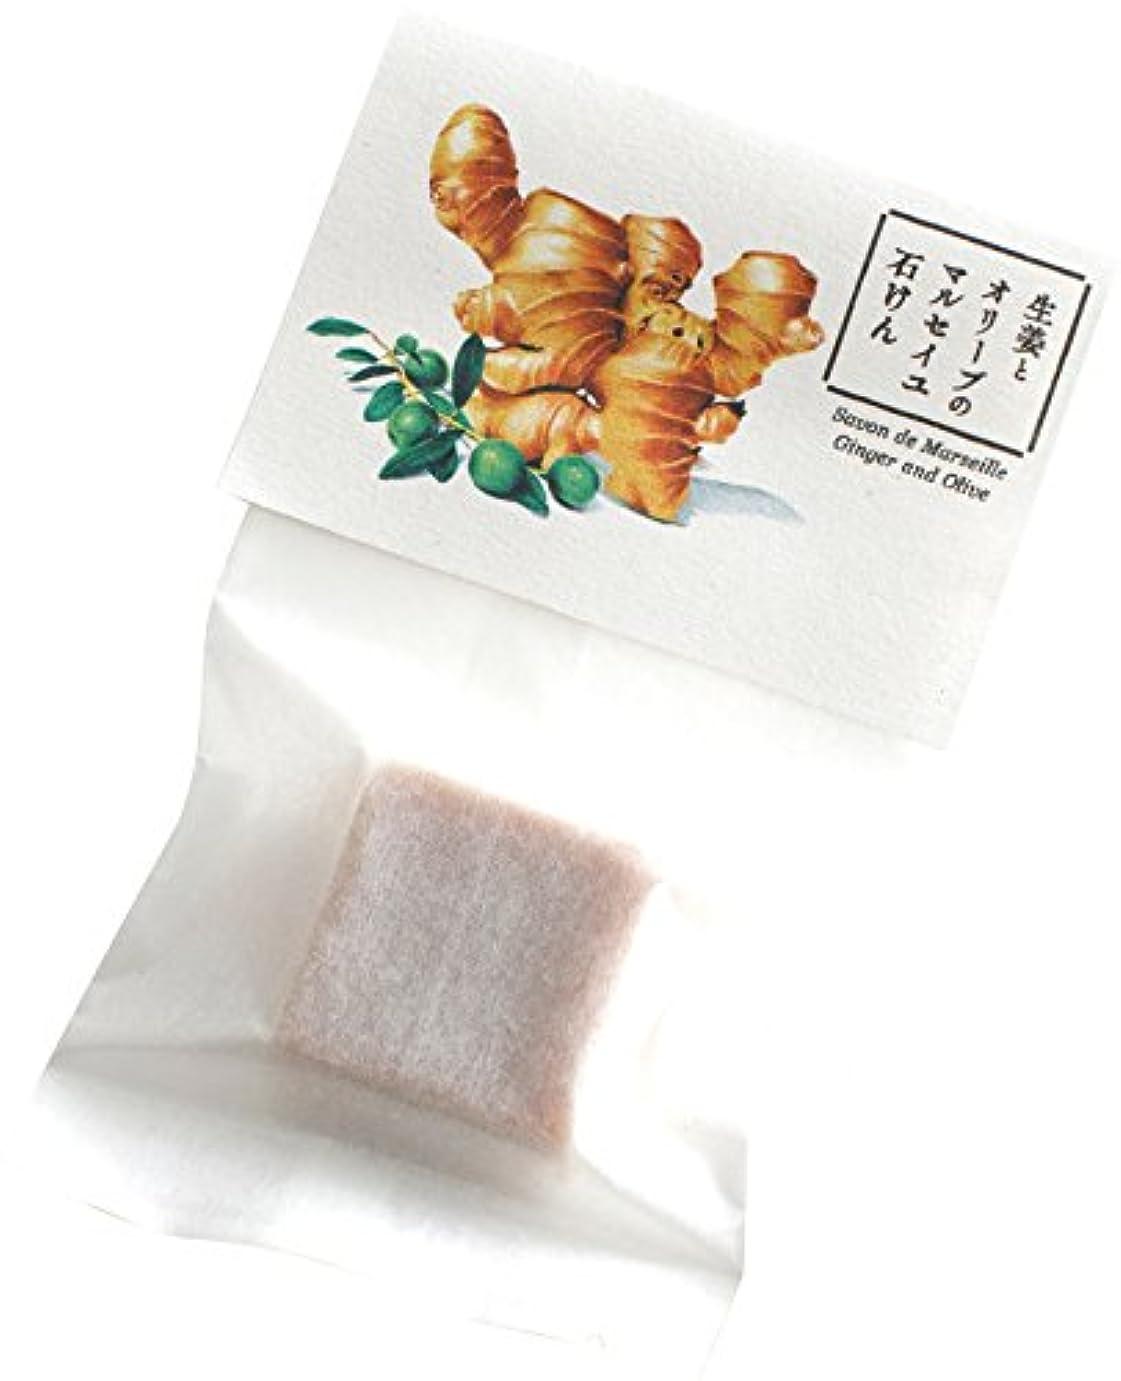 急ぐ暗黙膨らませるウェルコ 洗顔料 生姜とオリーブのマルセイユ石けん お試し用 10g